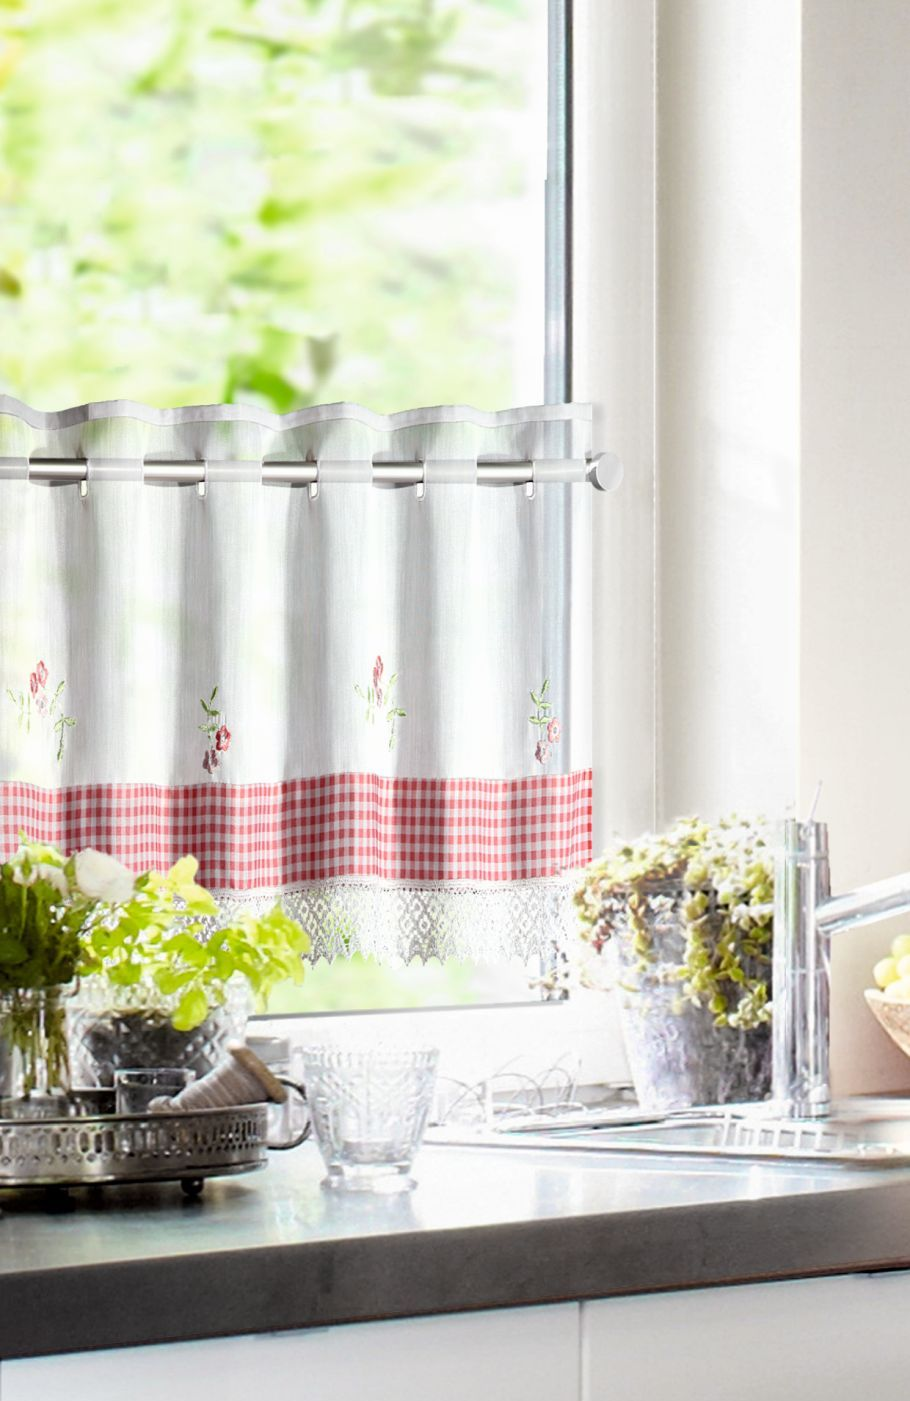 Full Size of Raffrollo Küchenfenster Kchengardinen Im Landhausstil Mit Spitzenbordre Vichy Einsatz Küche Wohnzimmer Raffrollo Küchenfenster